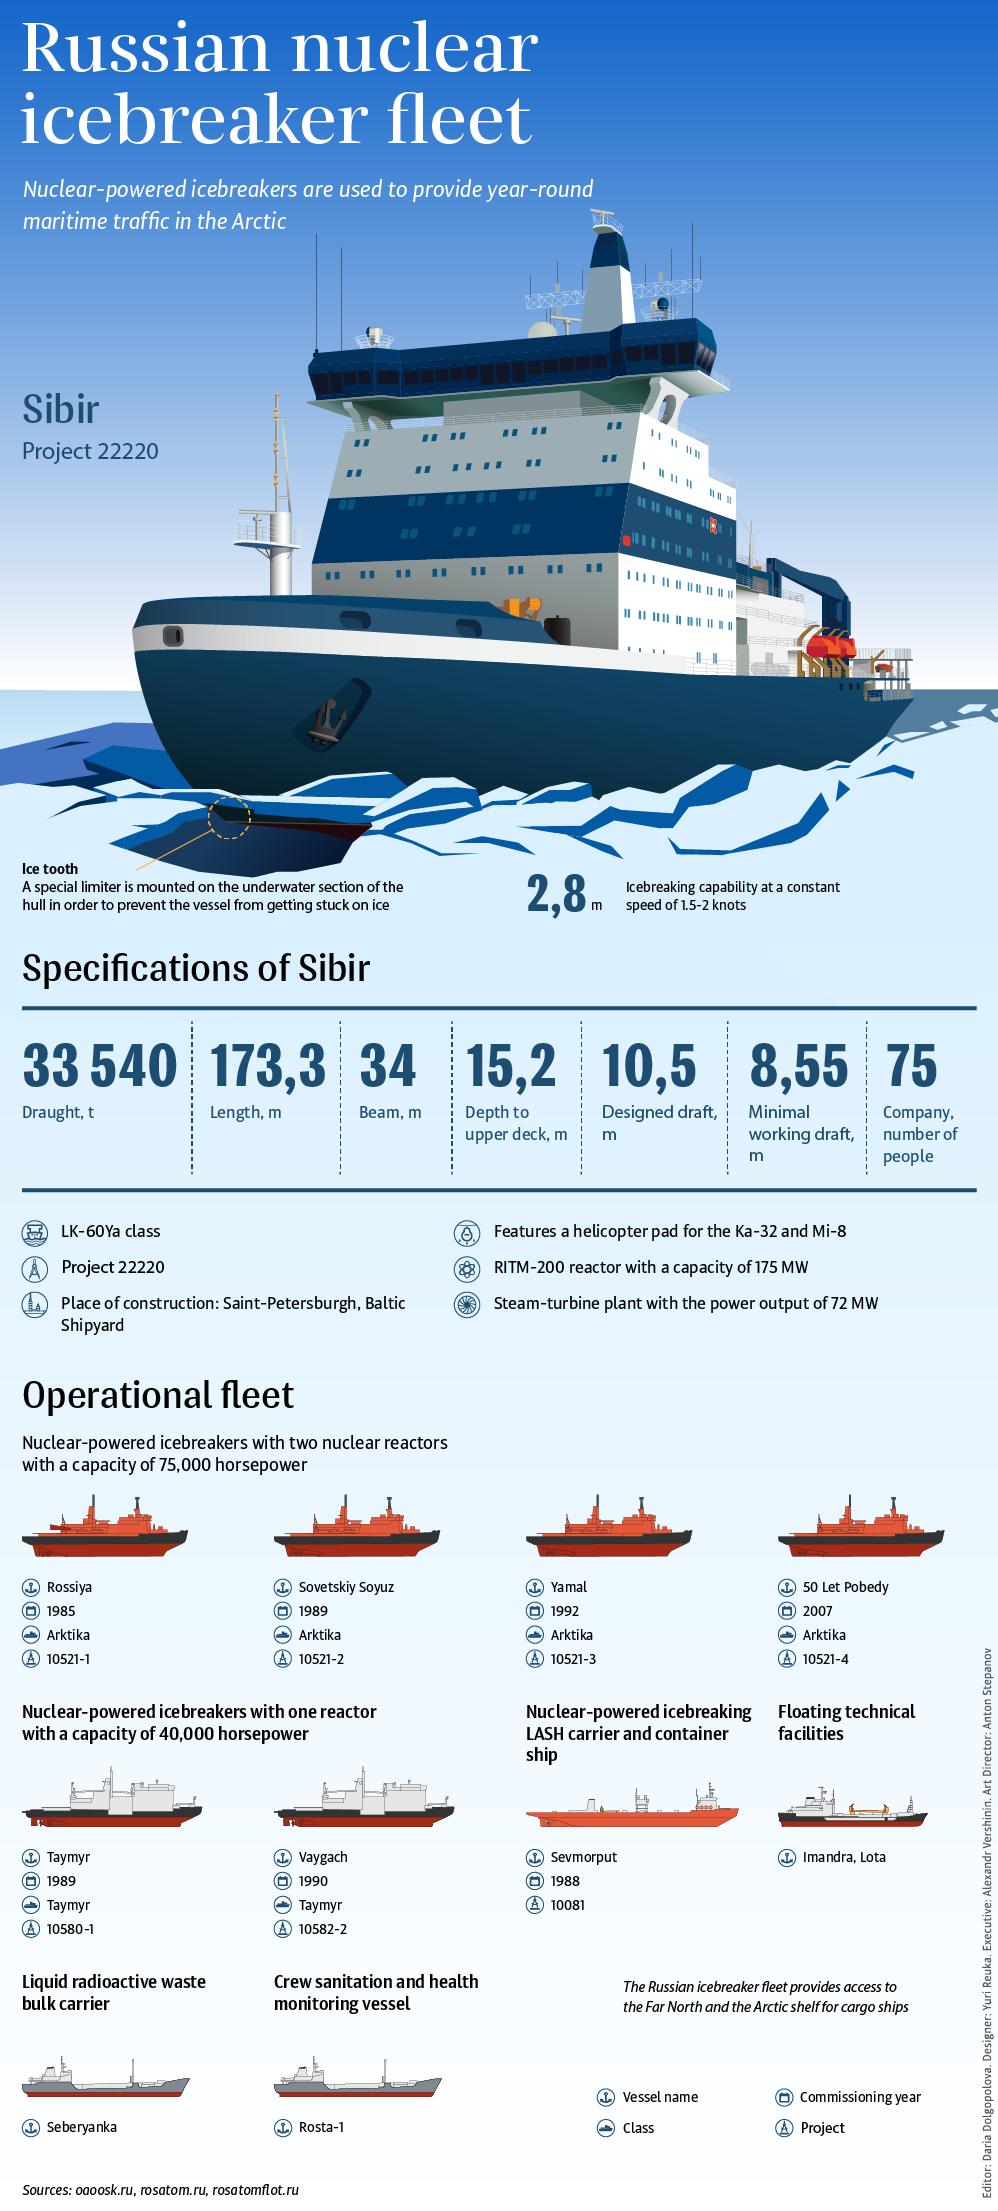 Russian nuclear icebreaker fleet